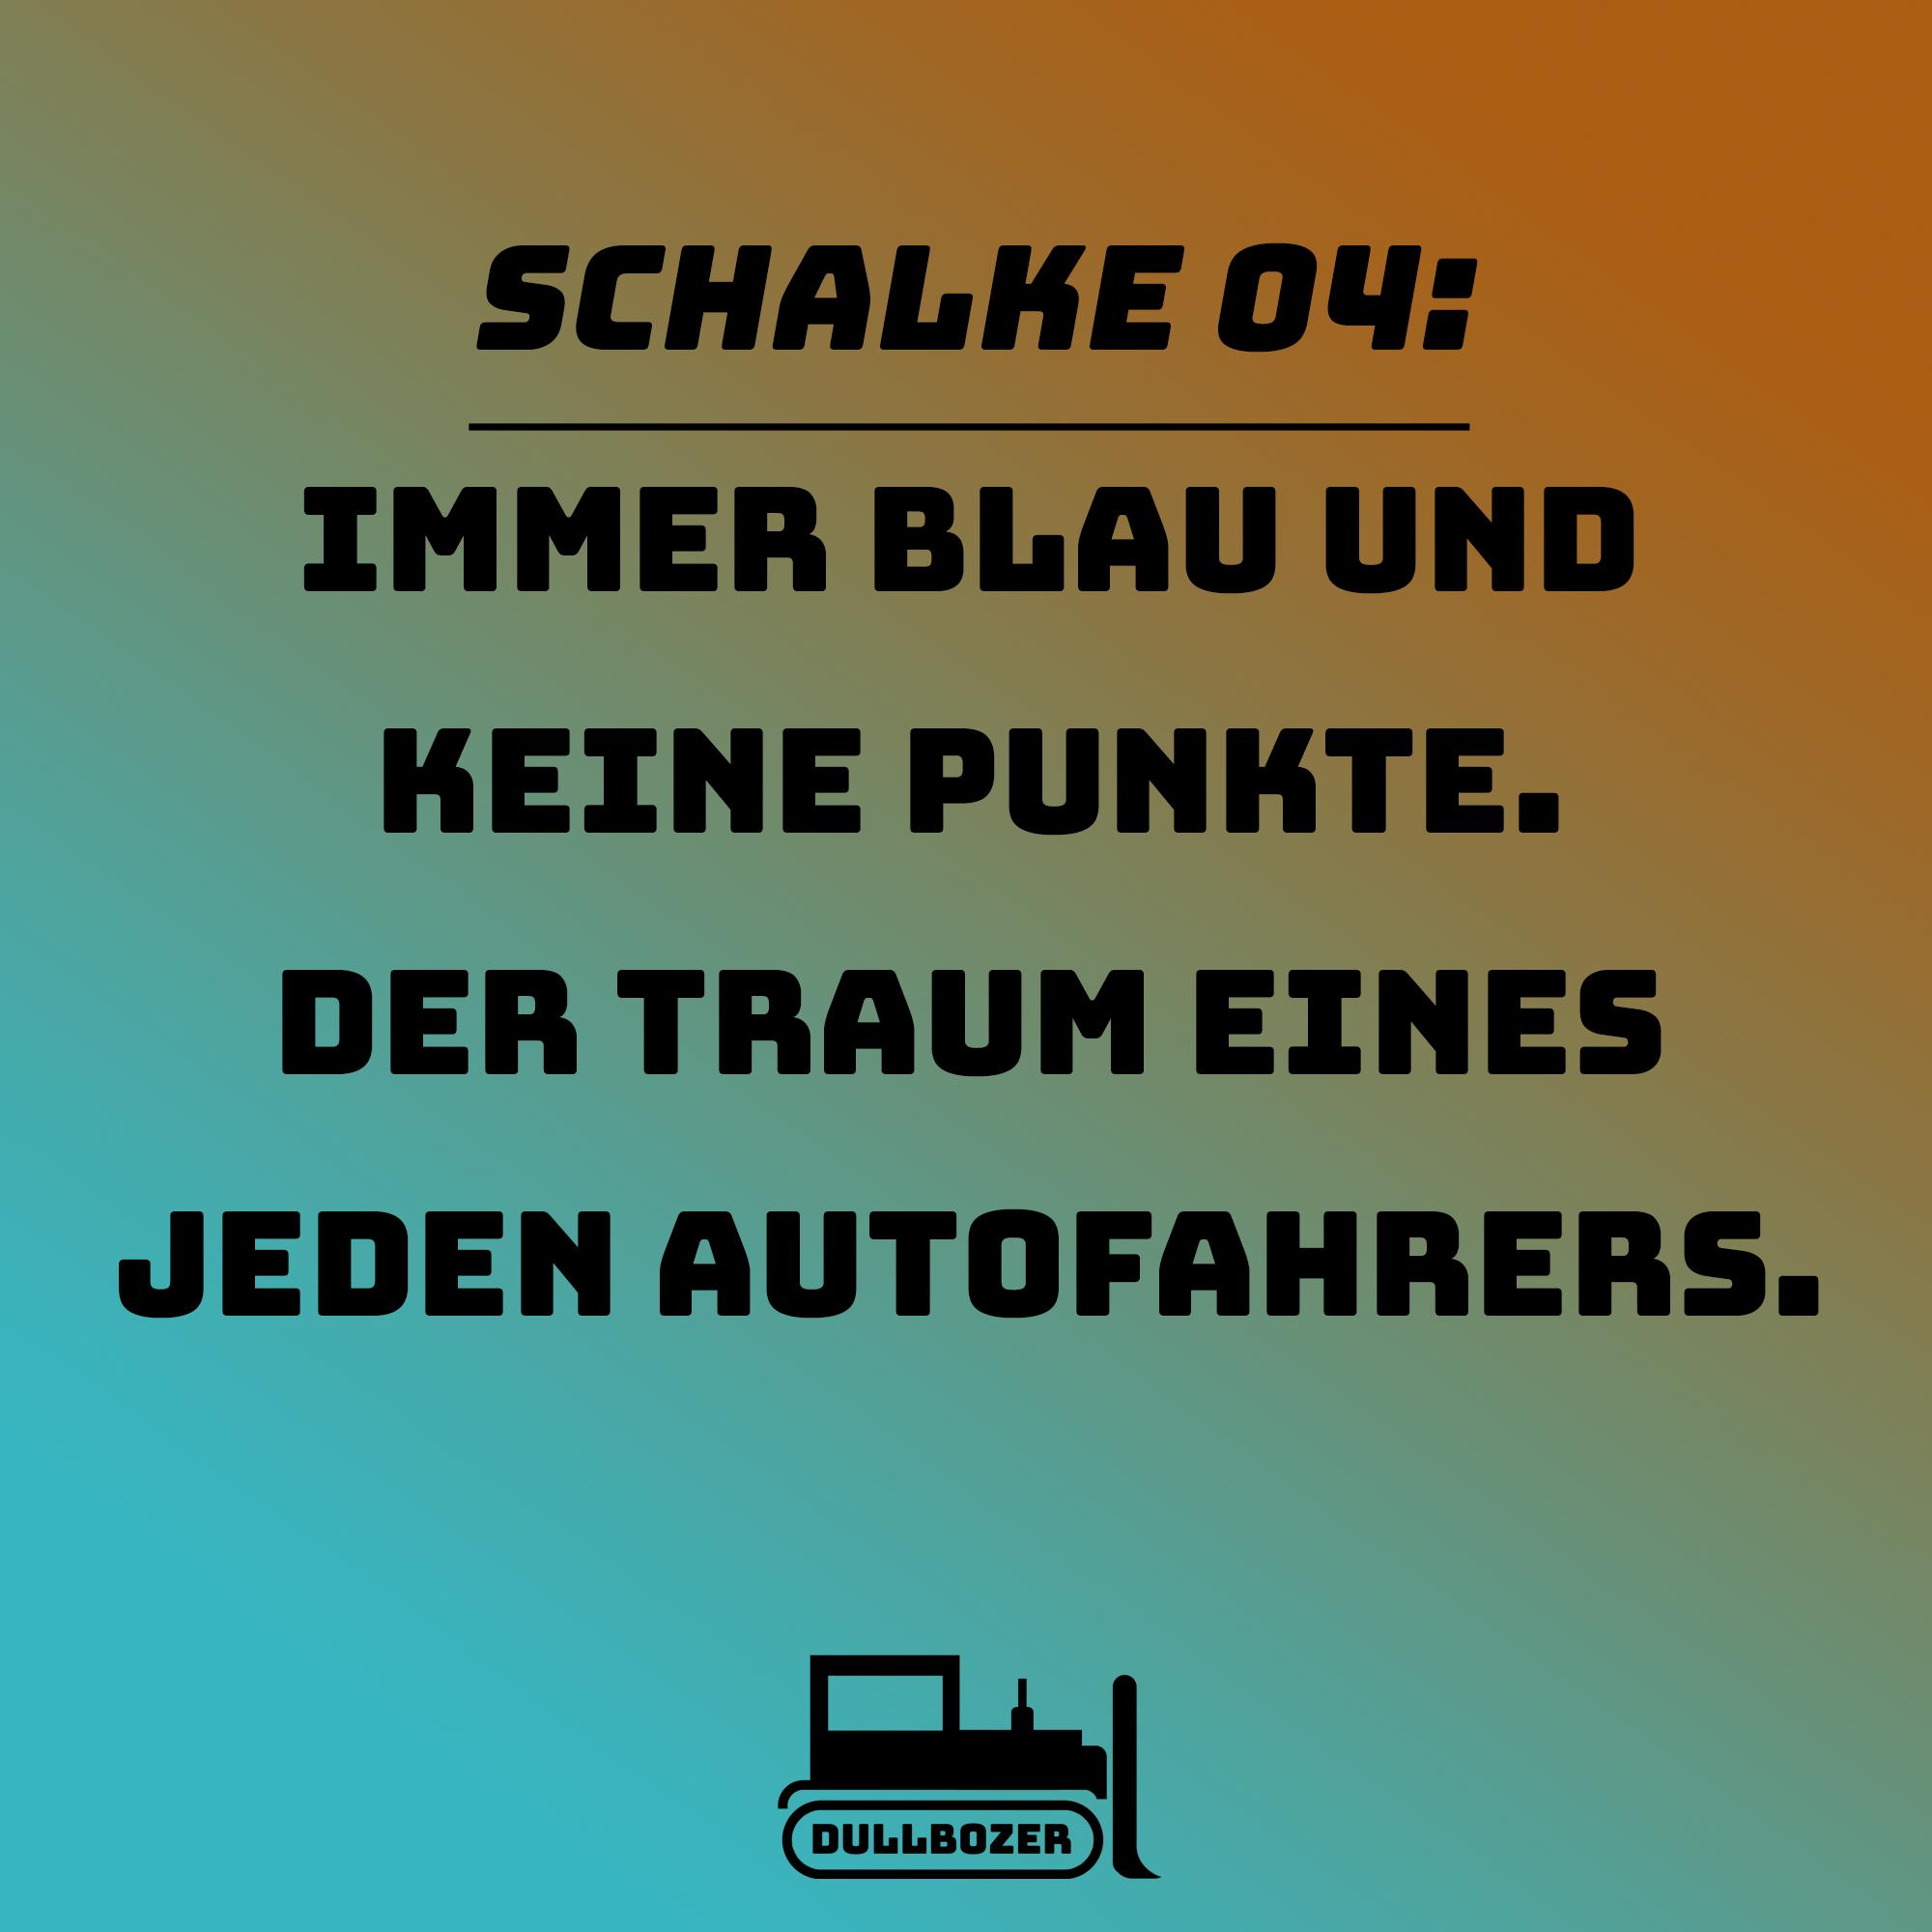 Schalke 04, Schalke, Borussia, Dortmund, Punkte, Fußball, Bundesliga, Spruch